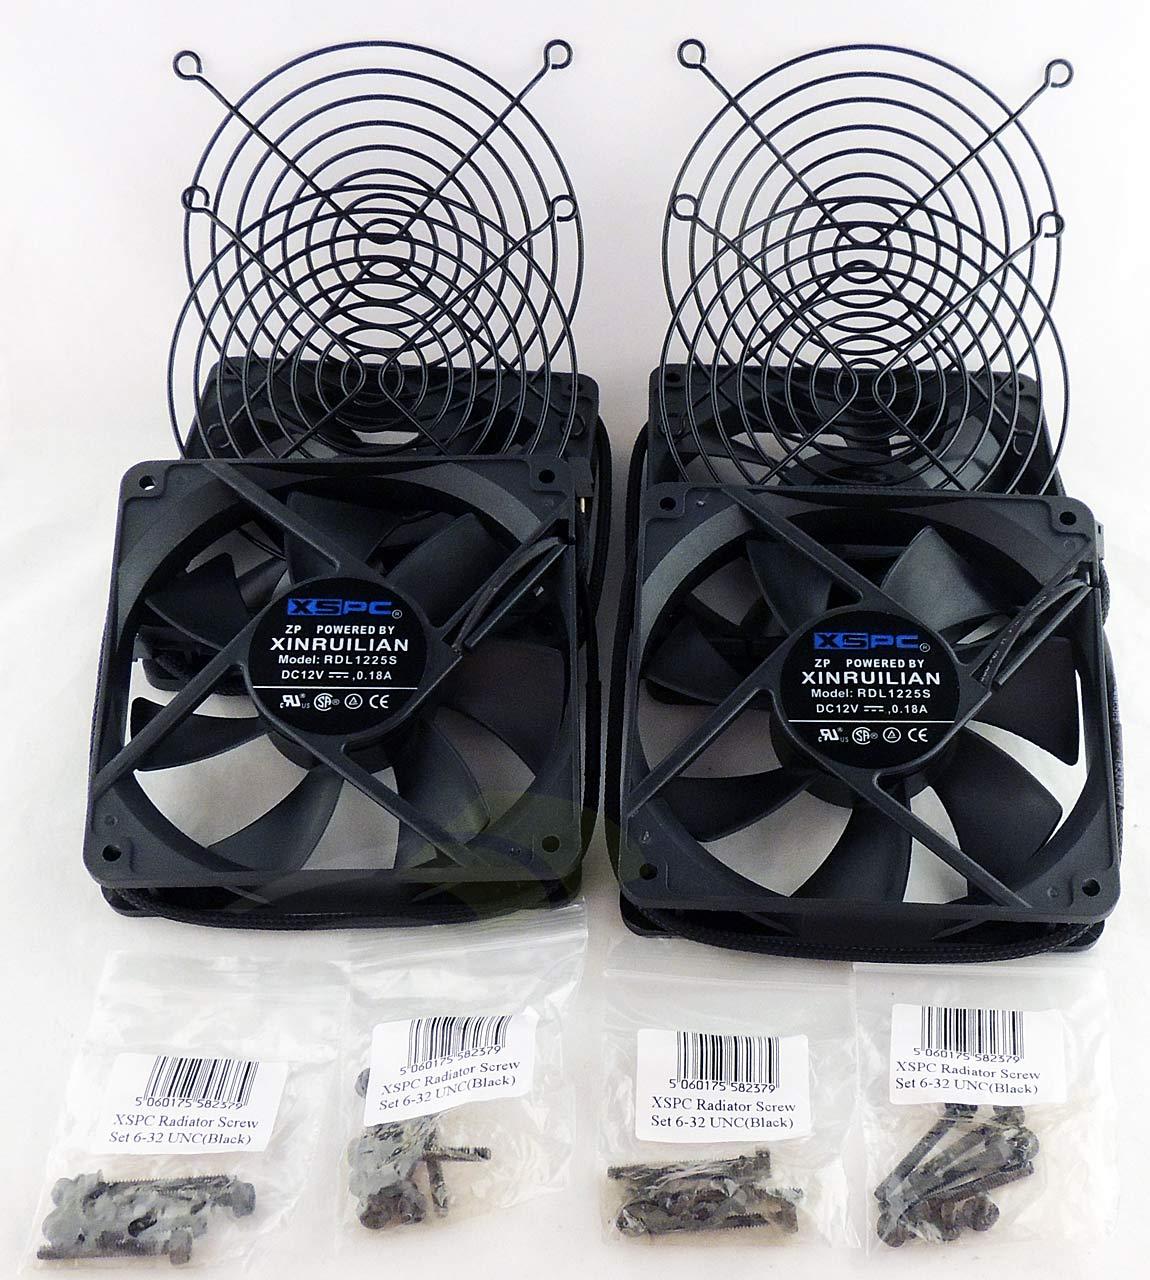 15-hardware-fans.jpg